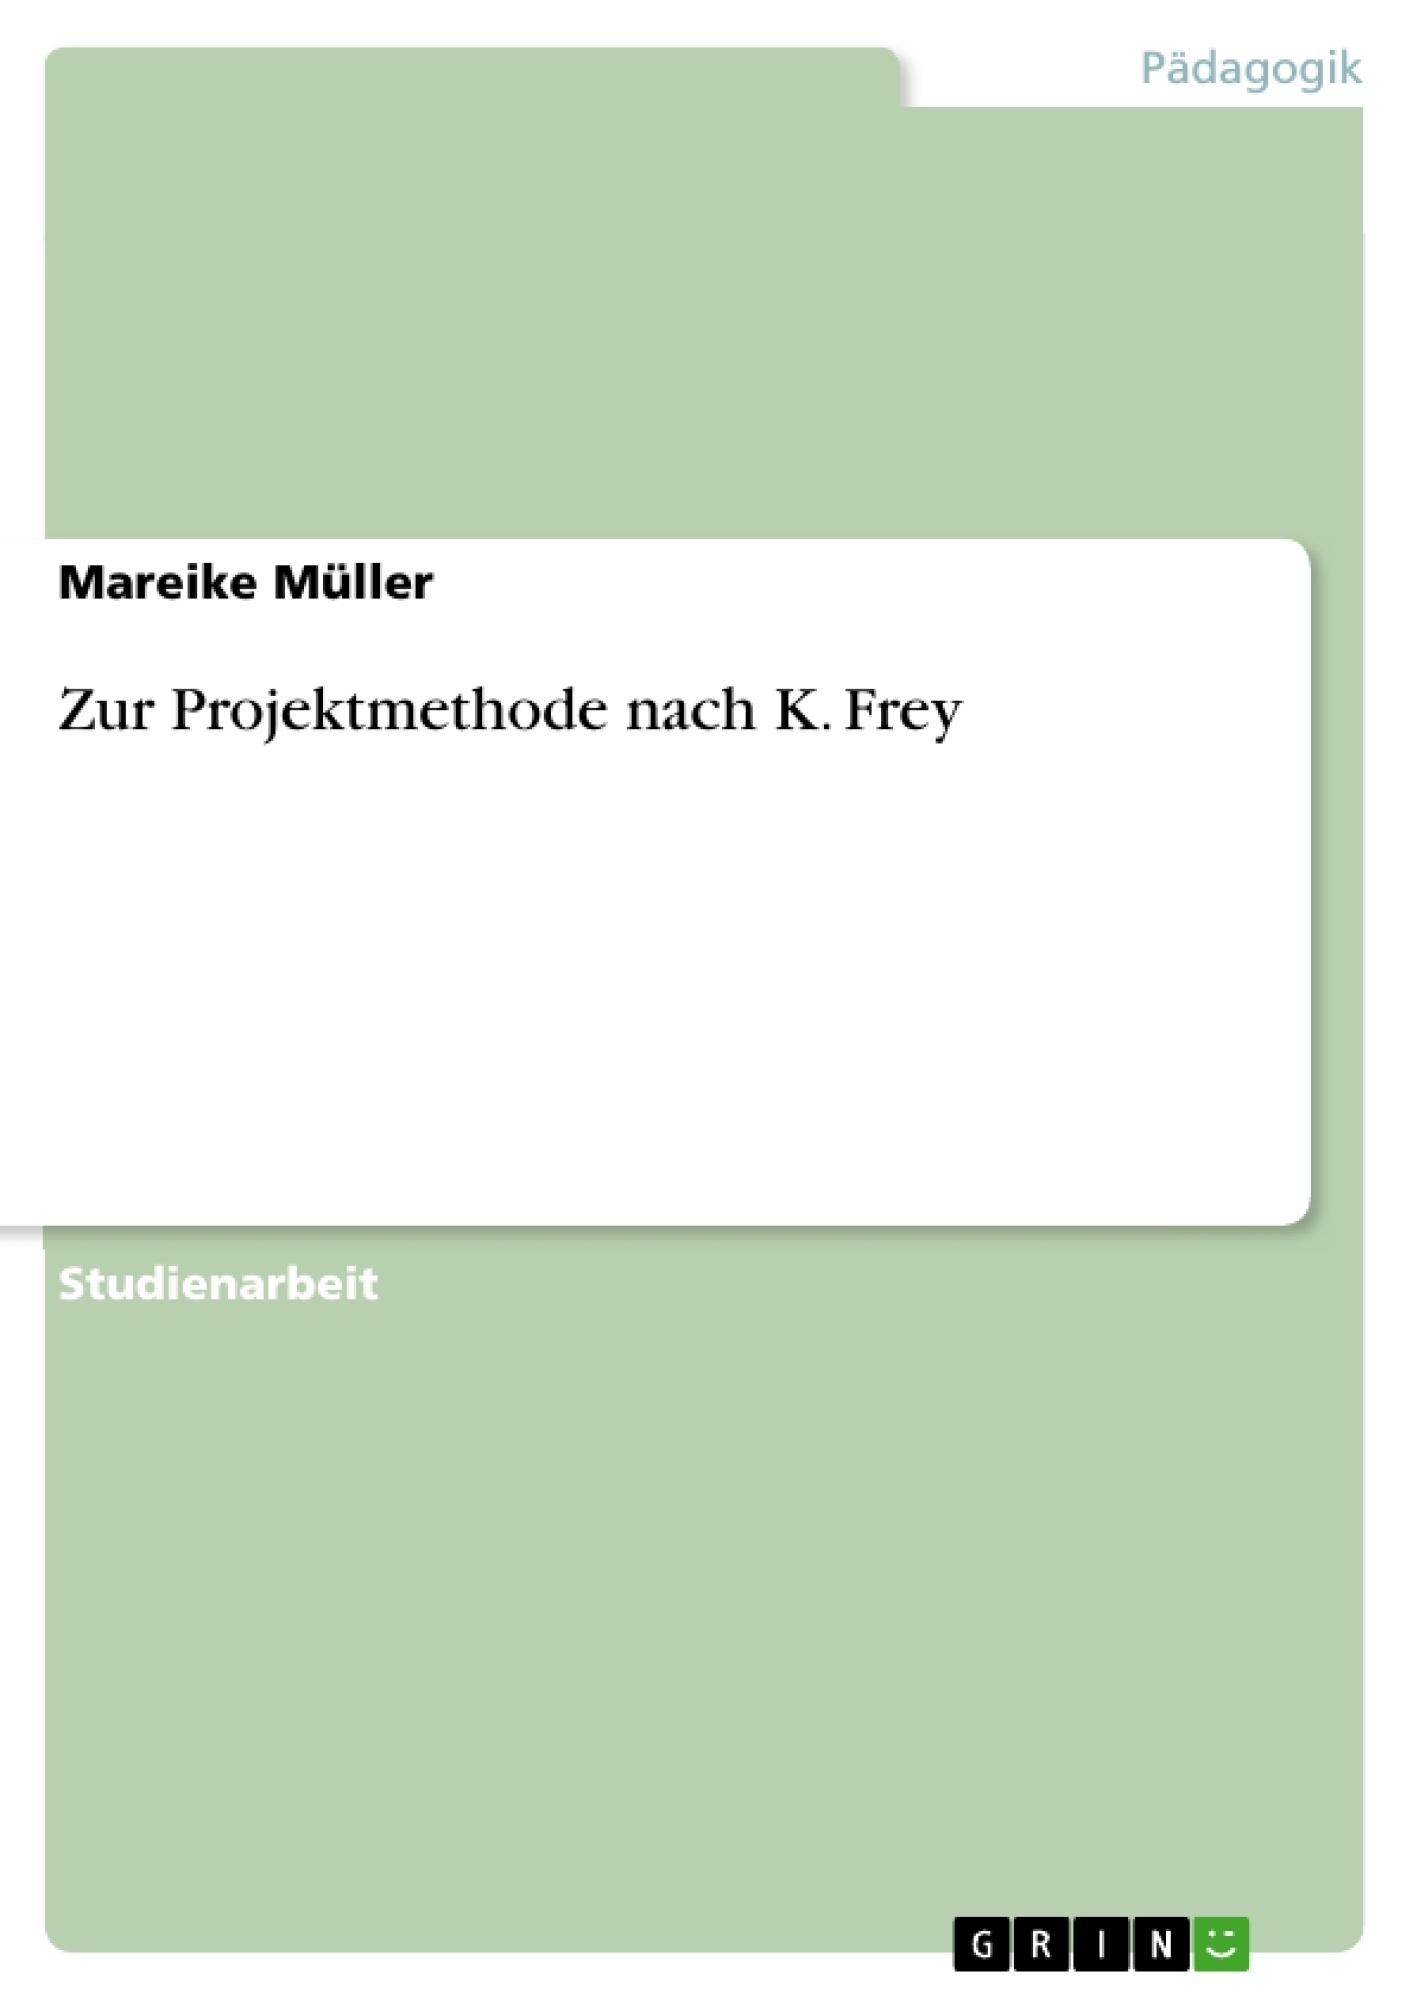 Titel: Zur Projektmethode nach K. Frey